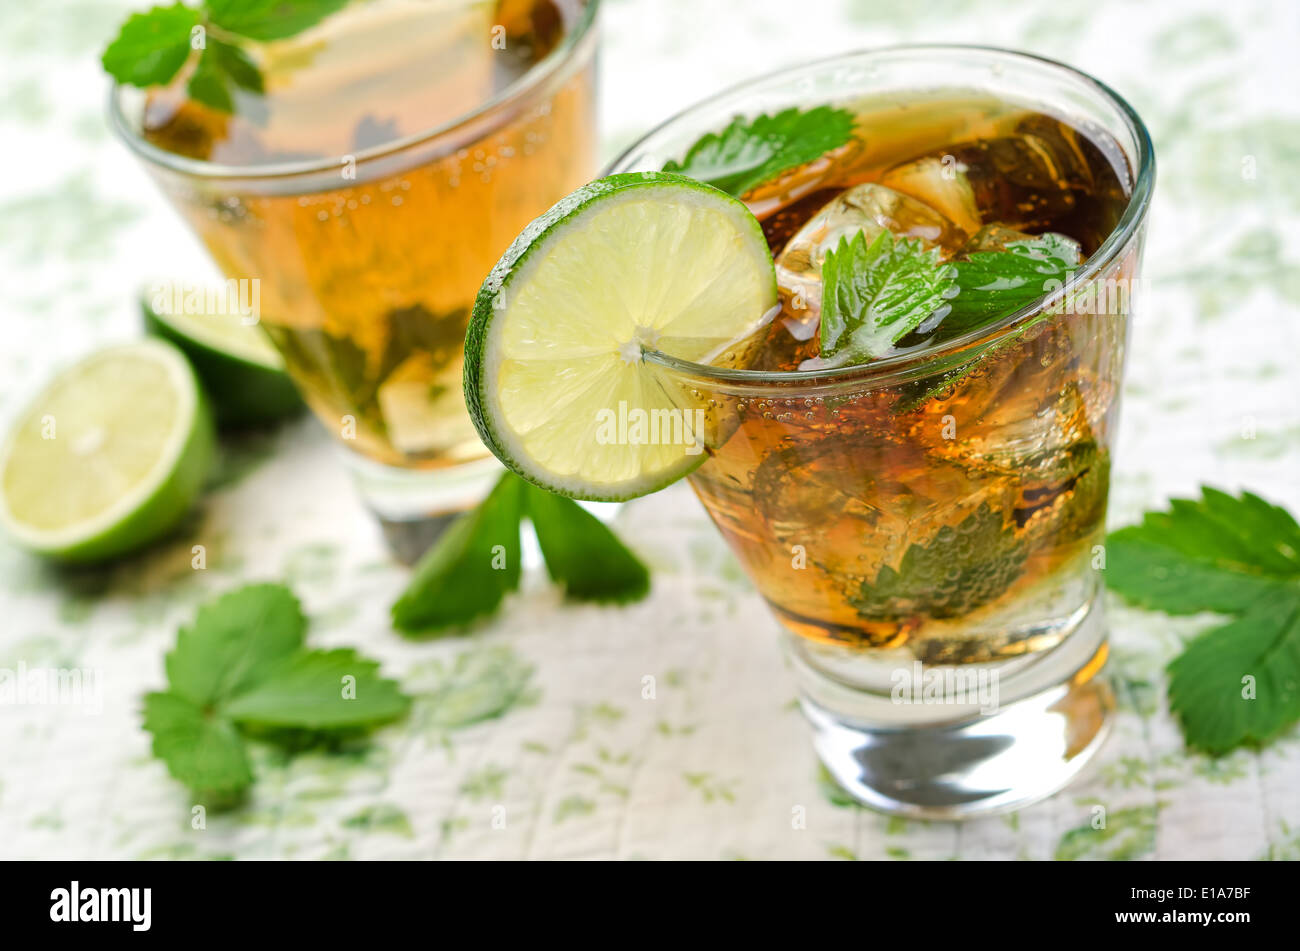 Un delizioso e rinfrescante mojito con lime e foglie di menta. Immagini Stock